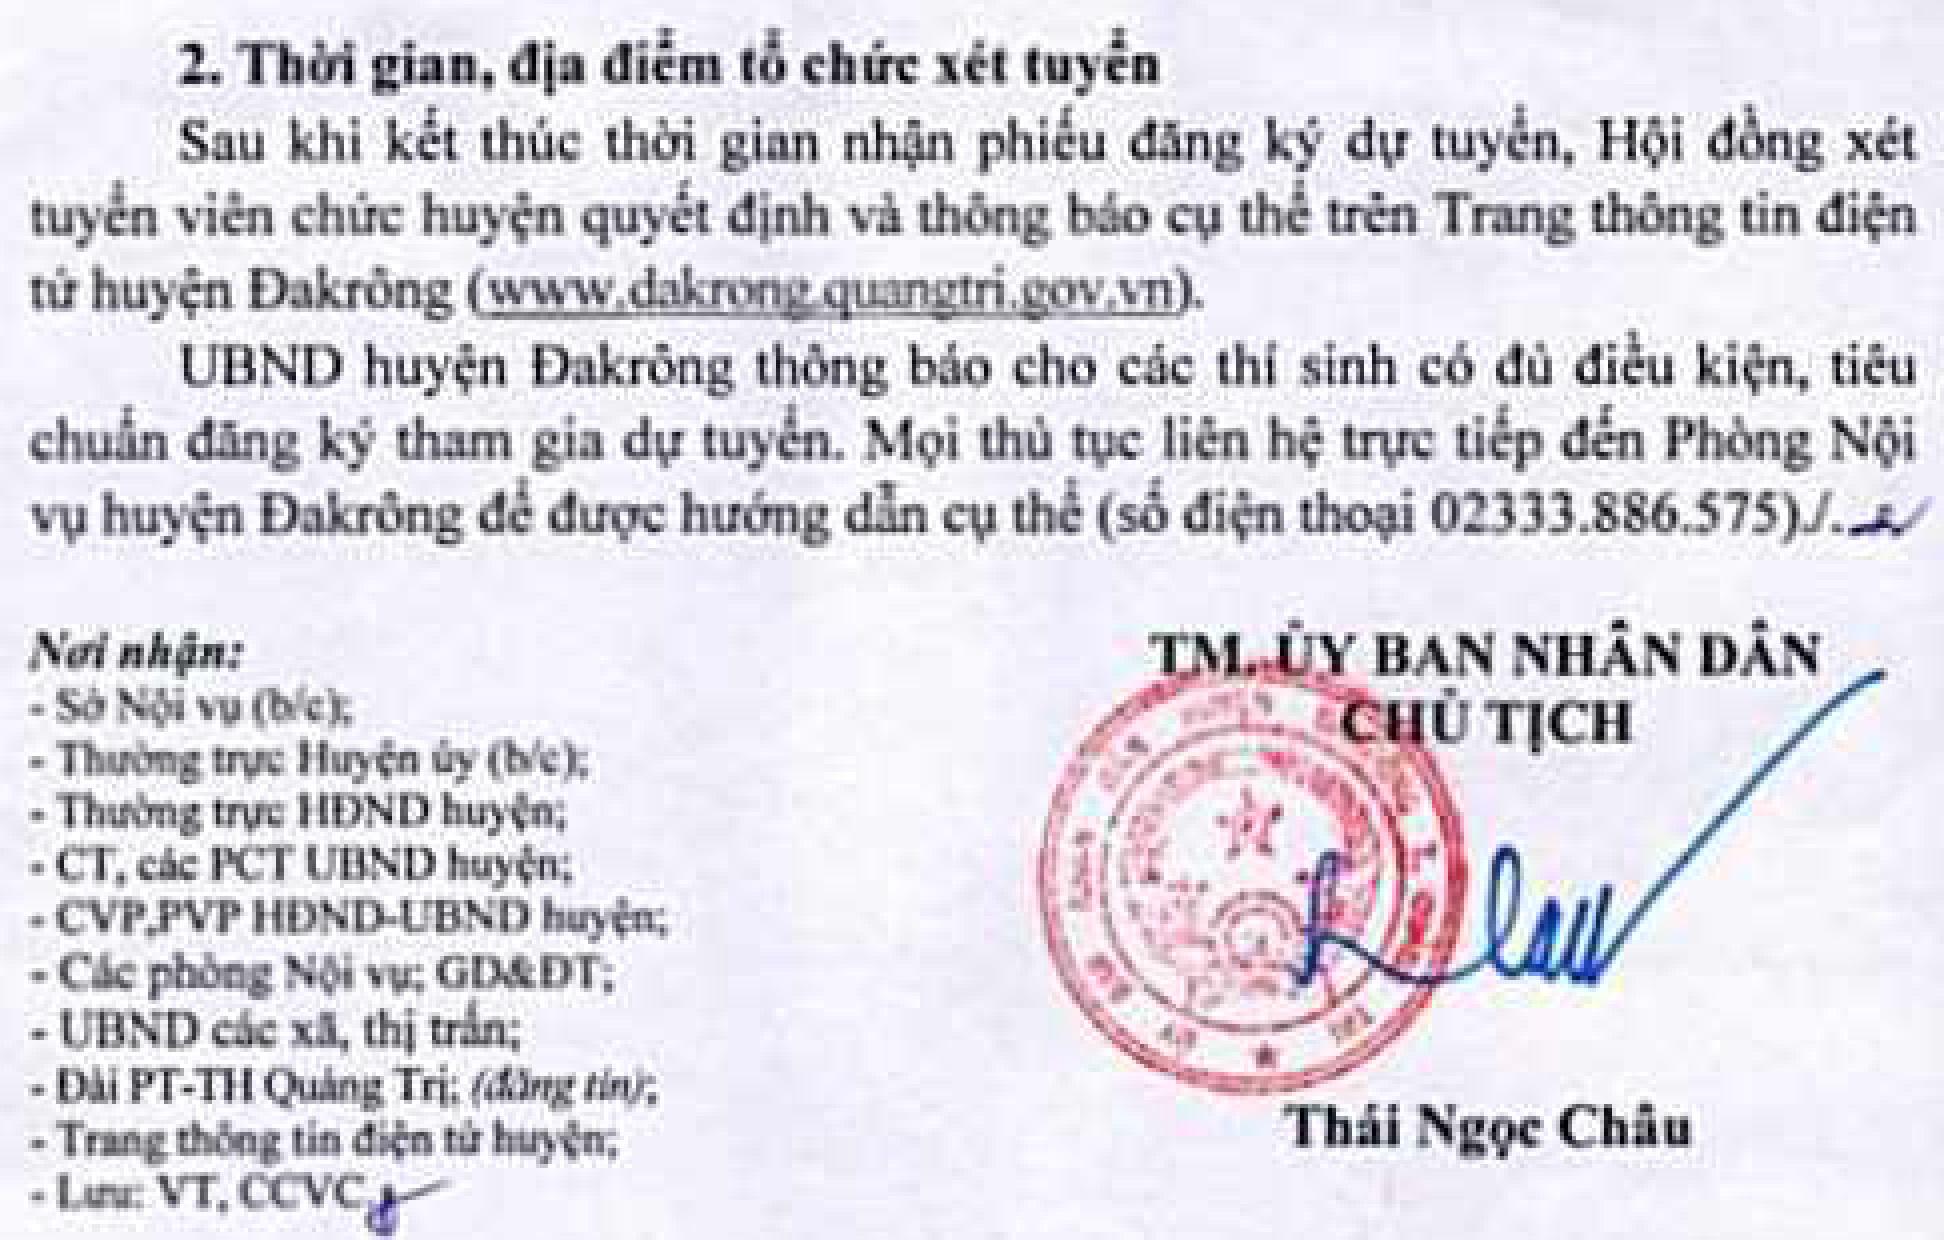 UBND huyện Đakrông, Quảng Trị tuyển dụng viên chức giáo dục năm 2020